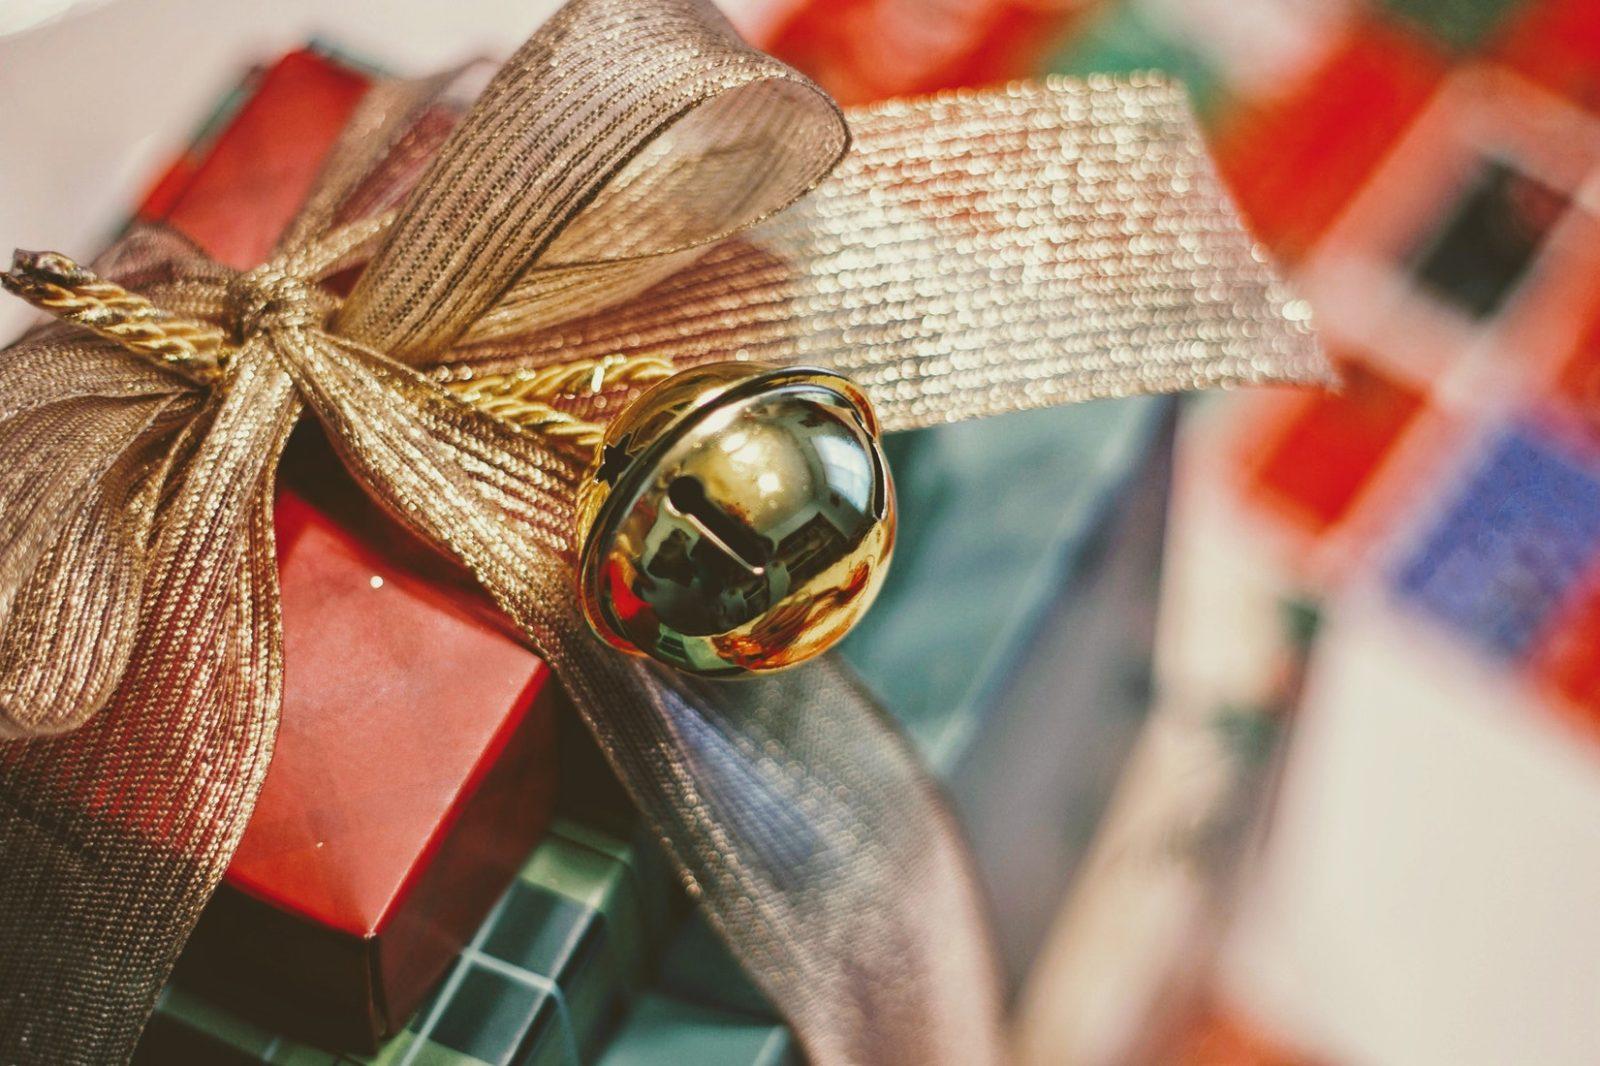 Le idee regalo di Natale di Hometrèschic